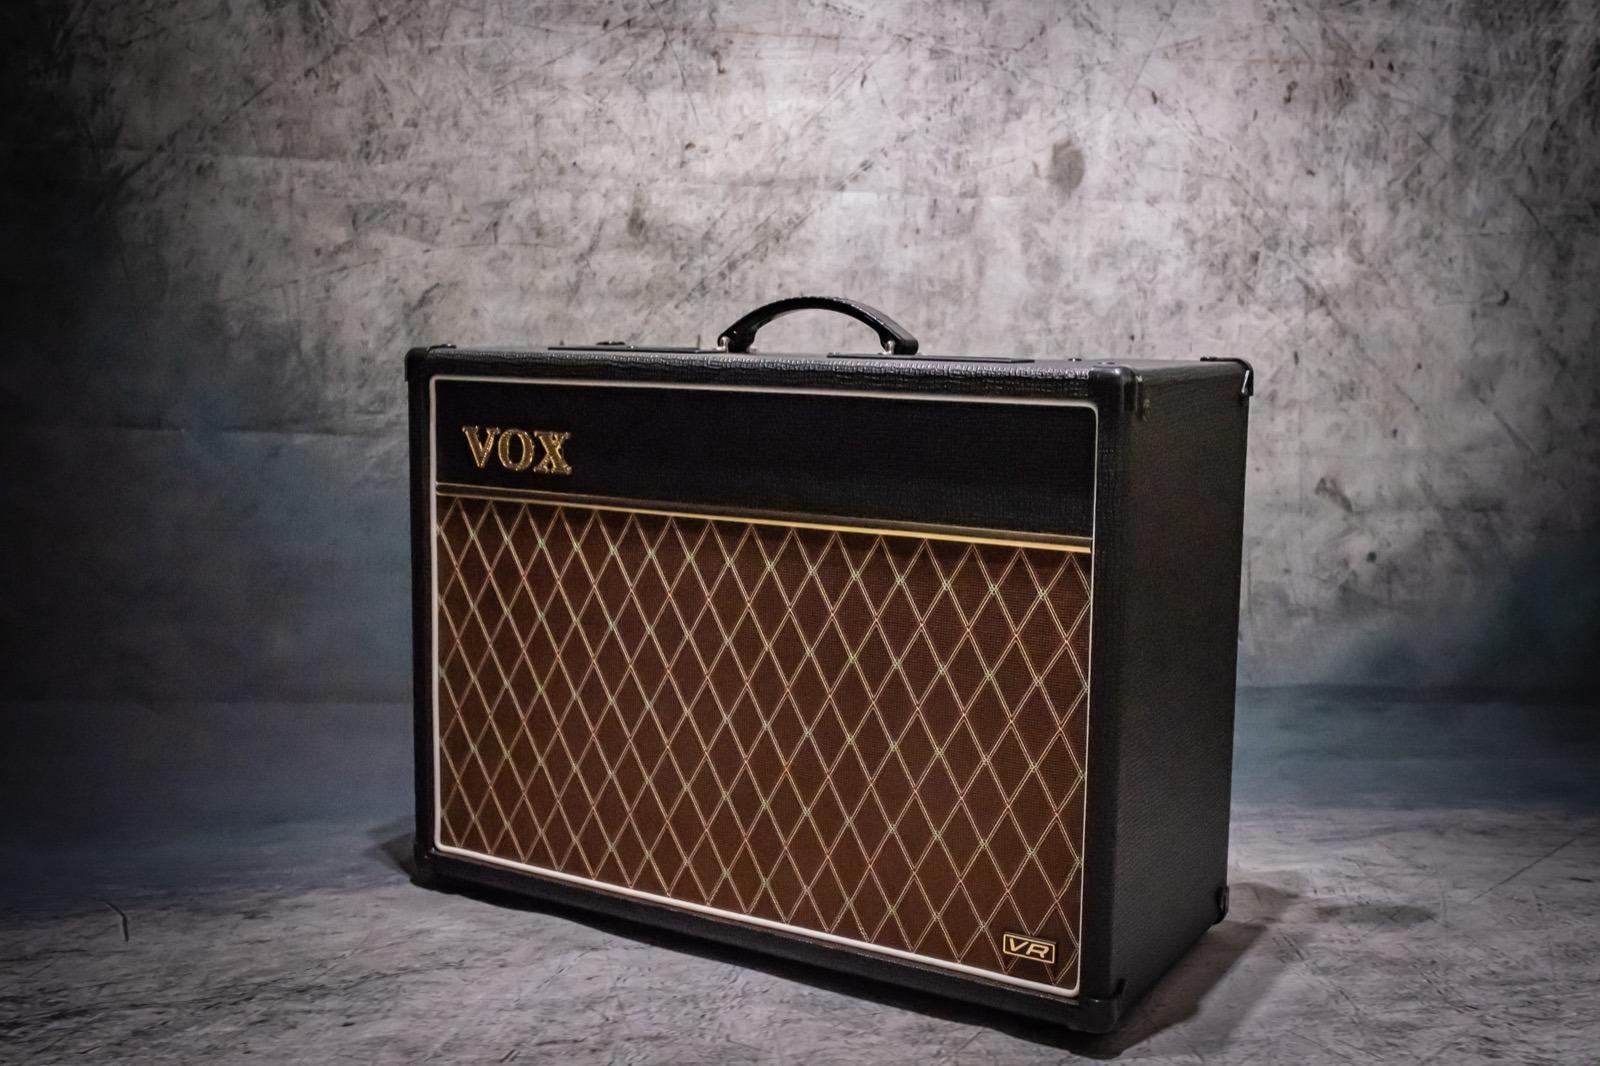 vox ac15vr 1x12 combo guitar amplifier guitarshop folkestone. Black Bedroom Furniture Sets. Home Design Ideas